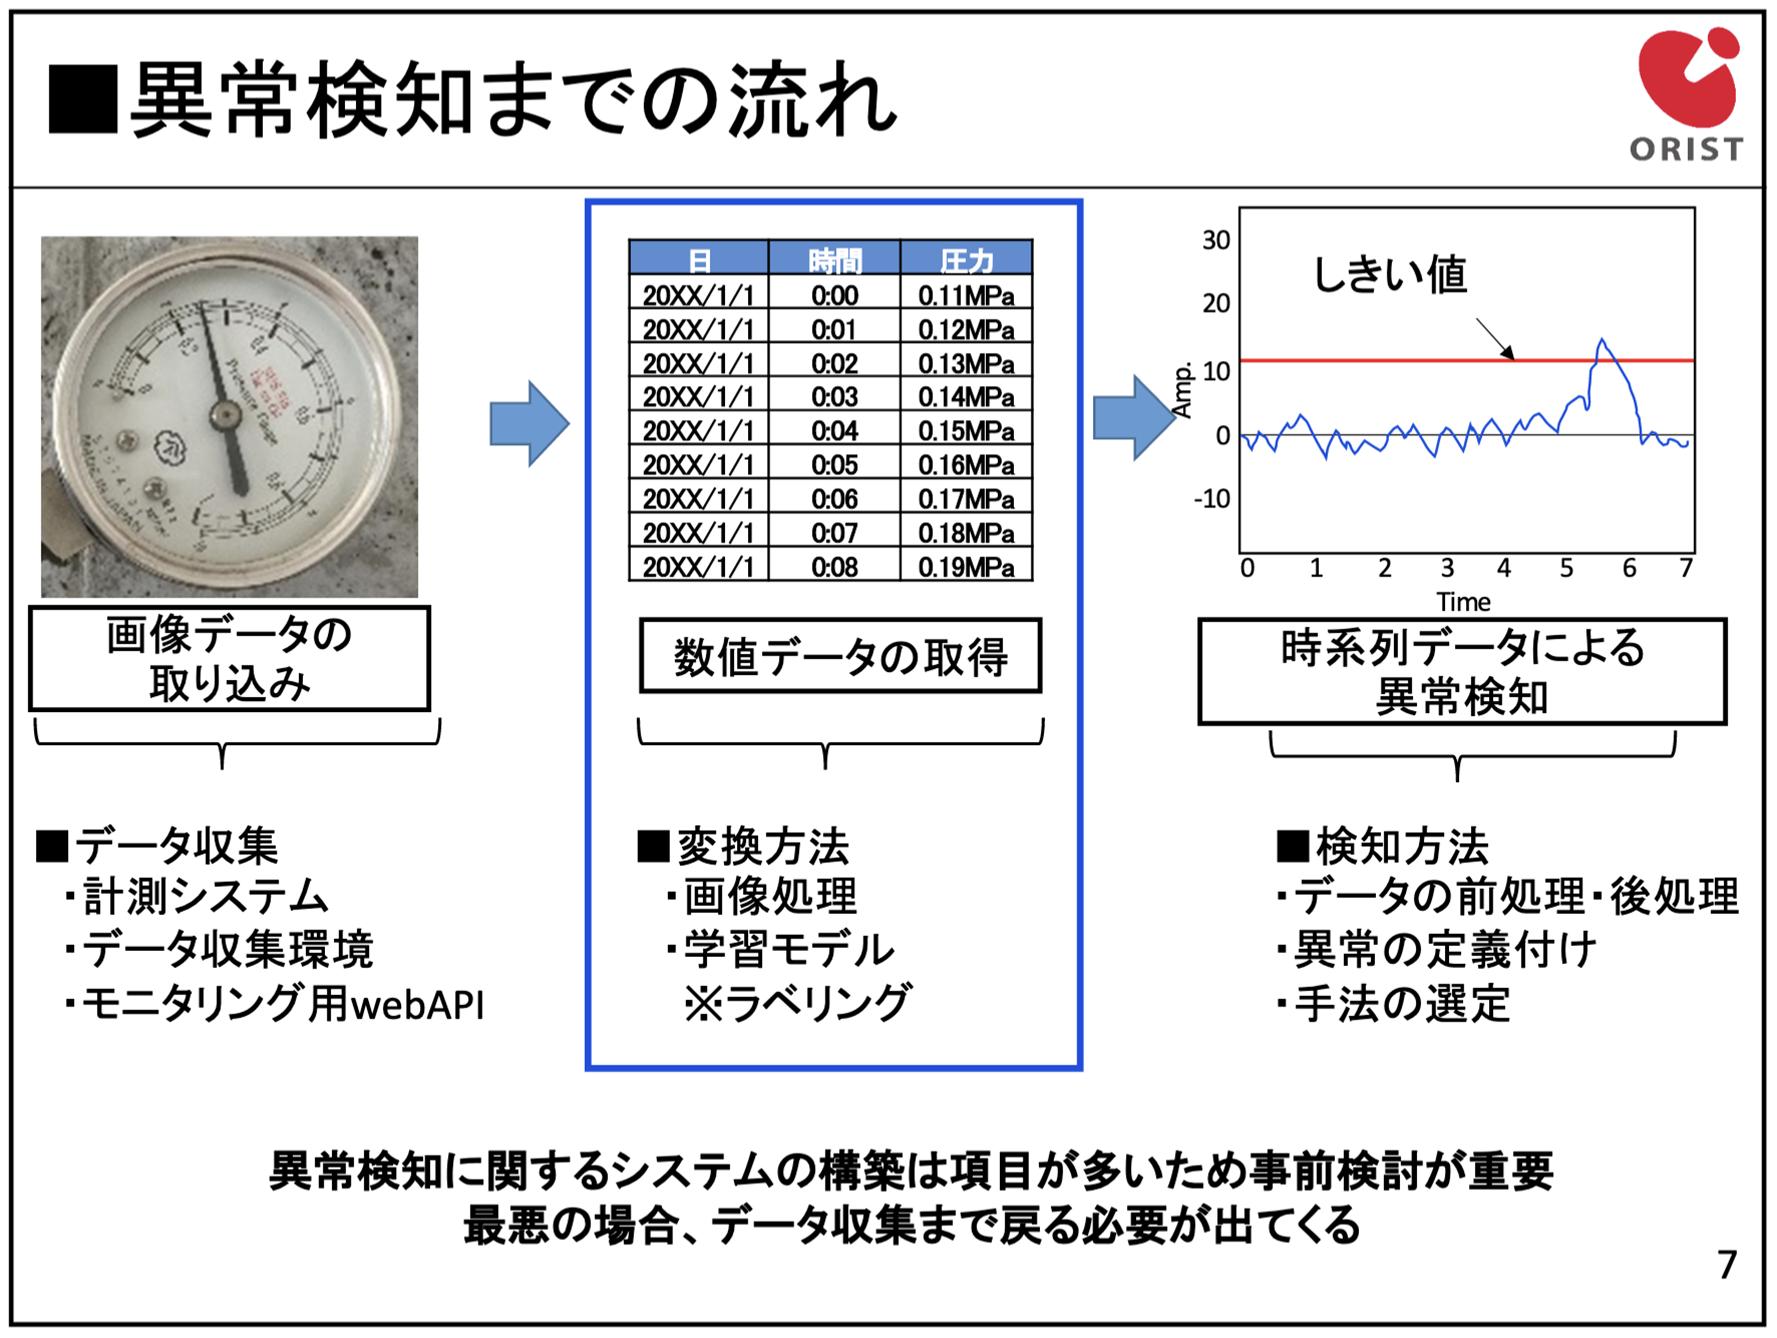 圧力ゲージの異常検知までの流れ